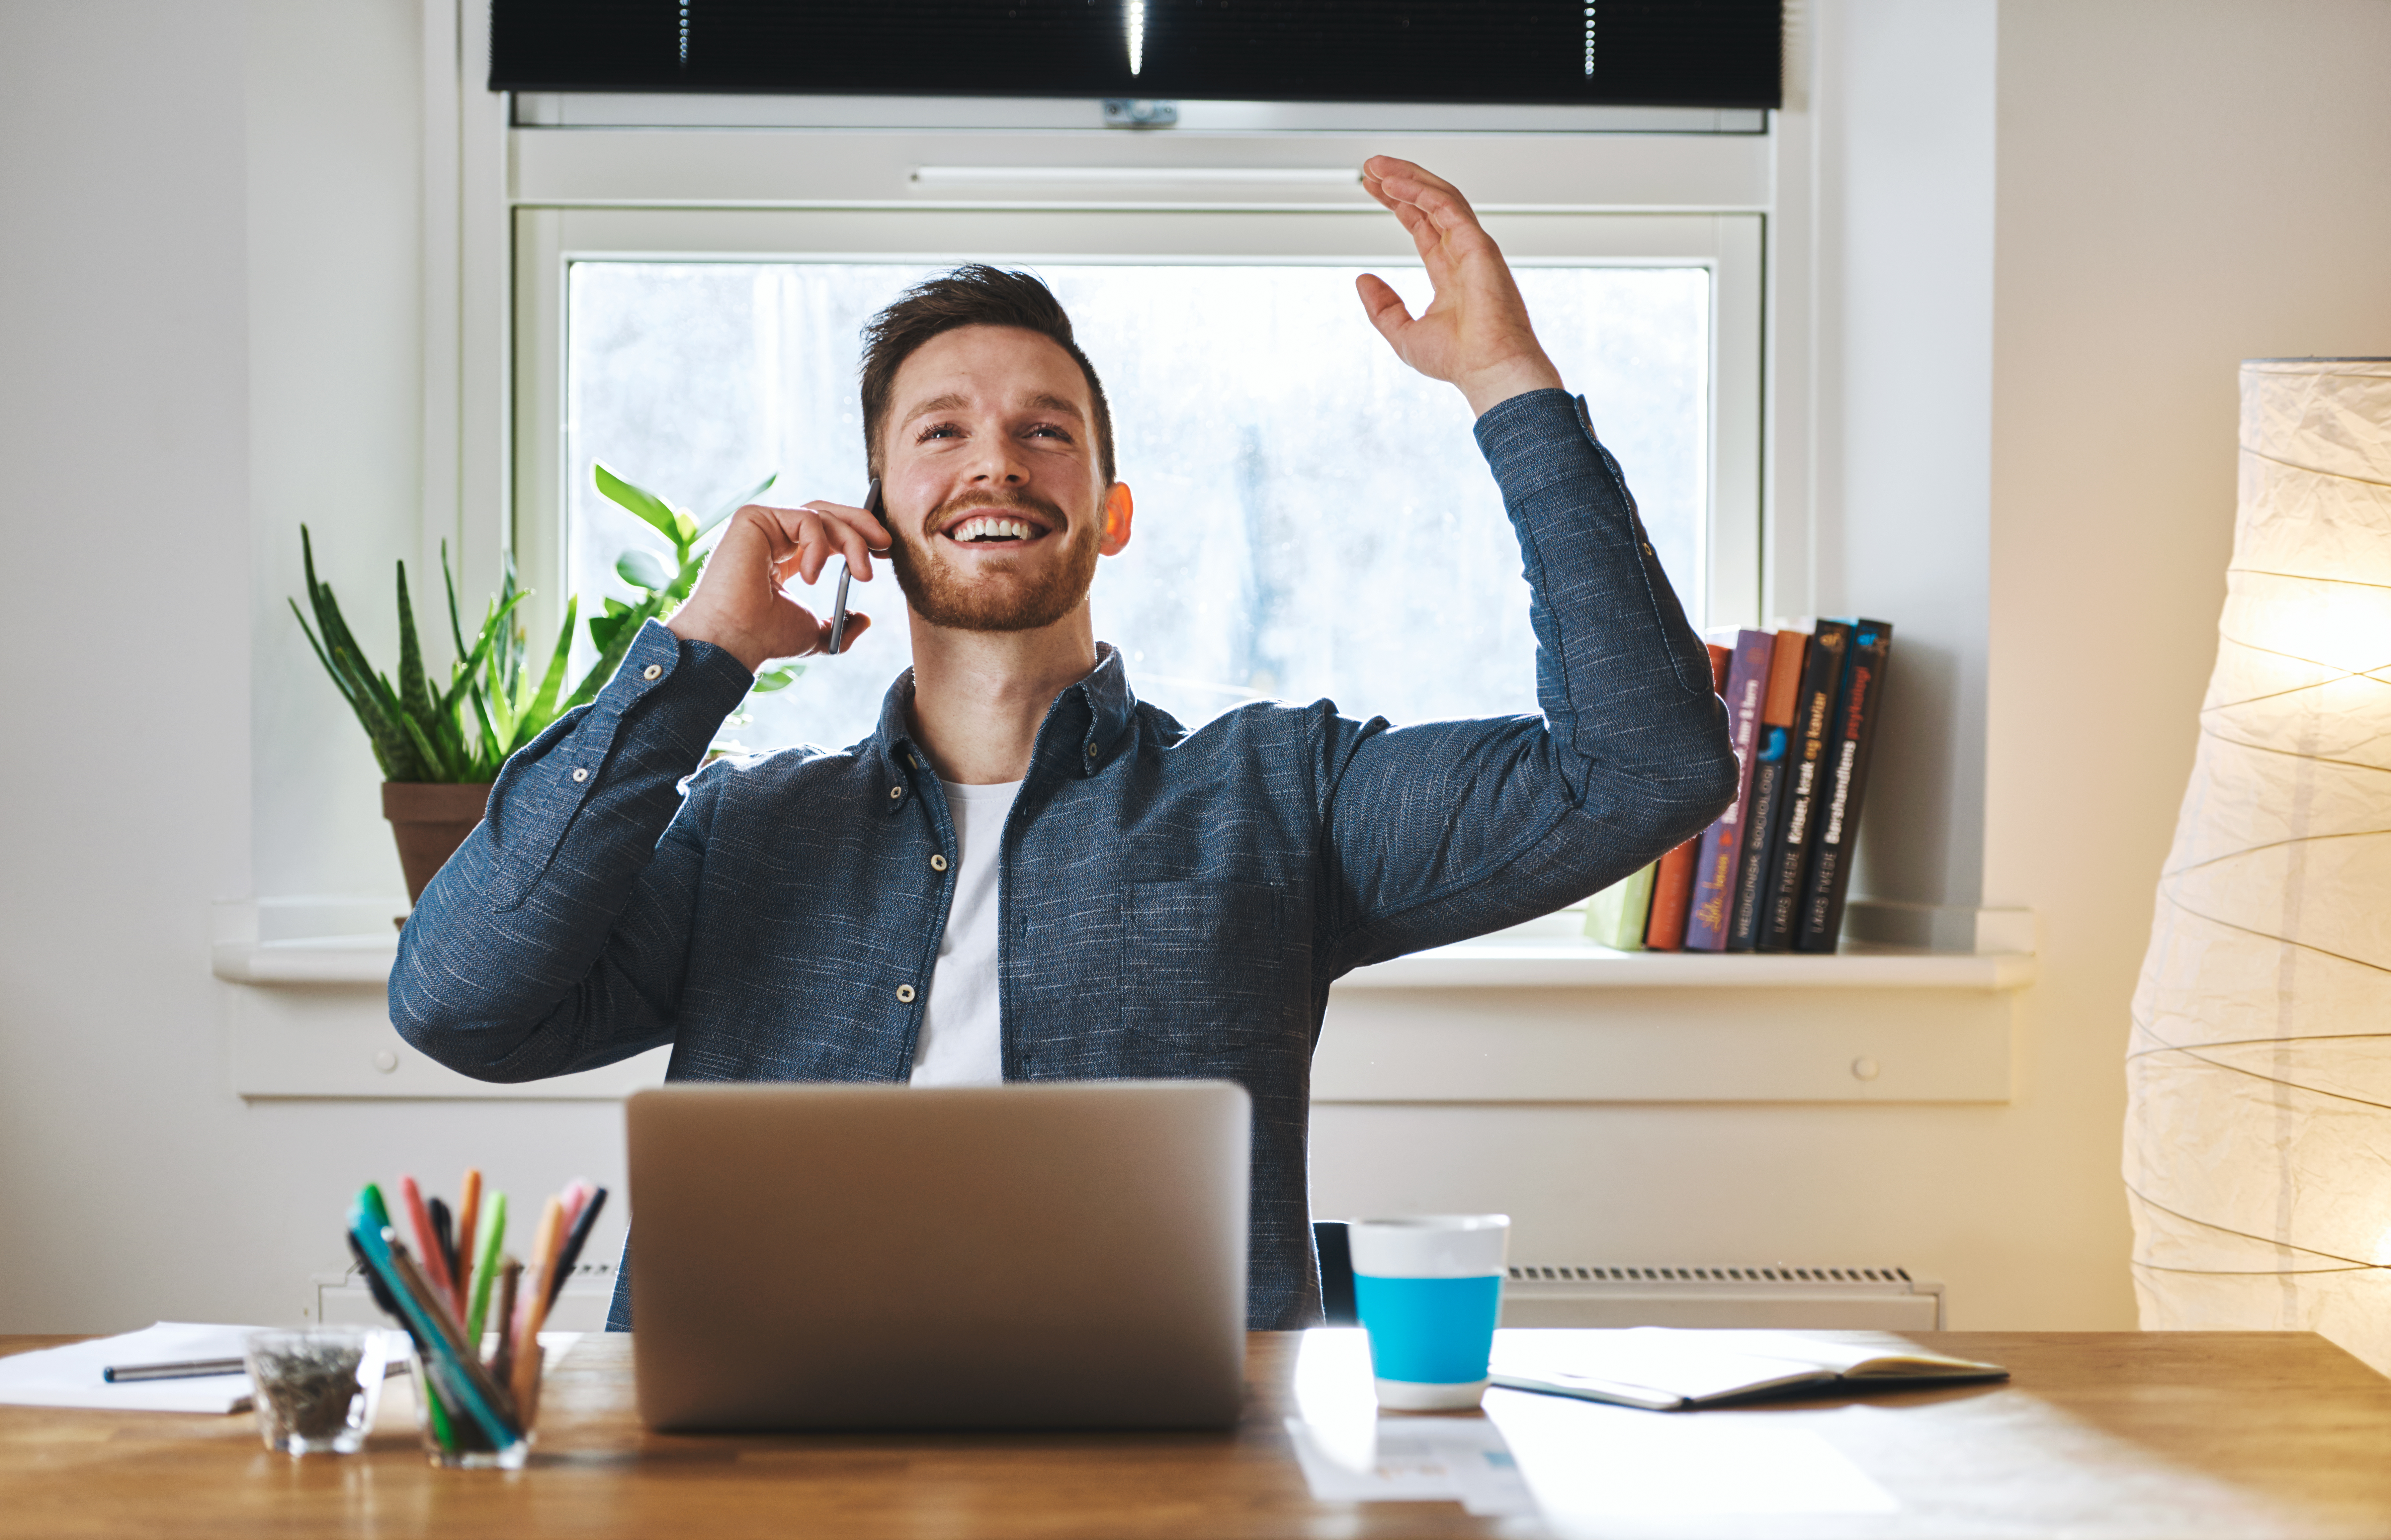 Successful entrepreneur looking happy